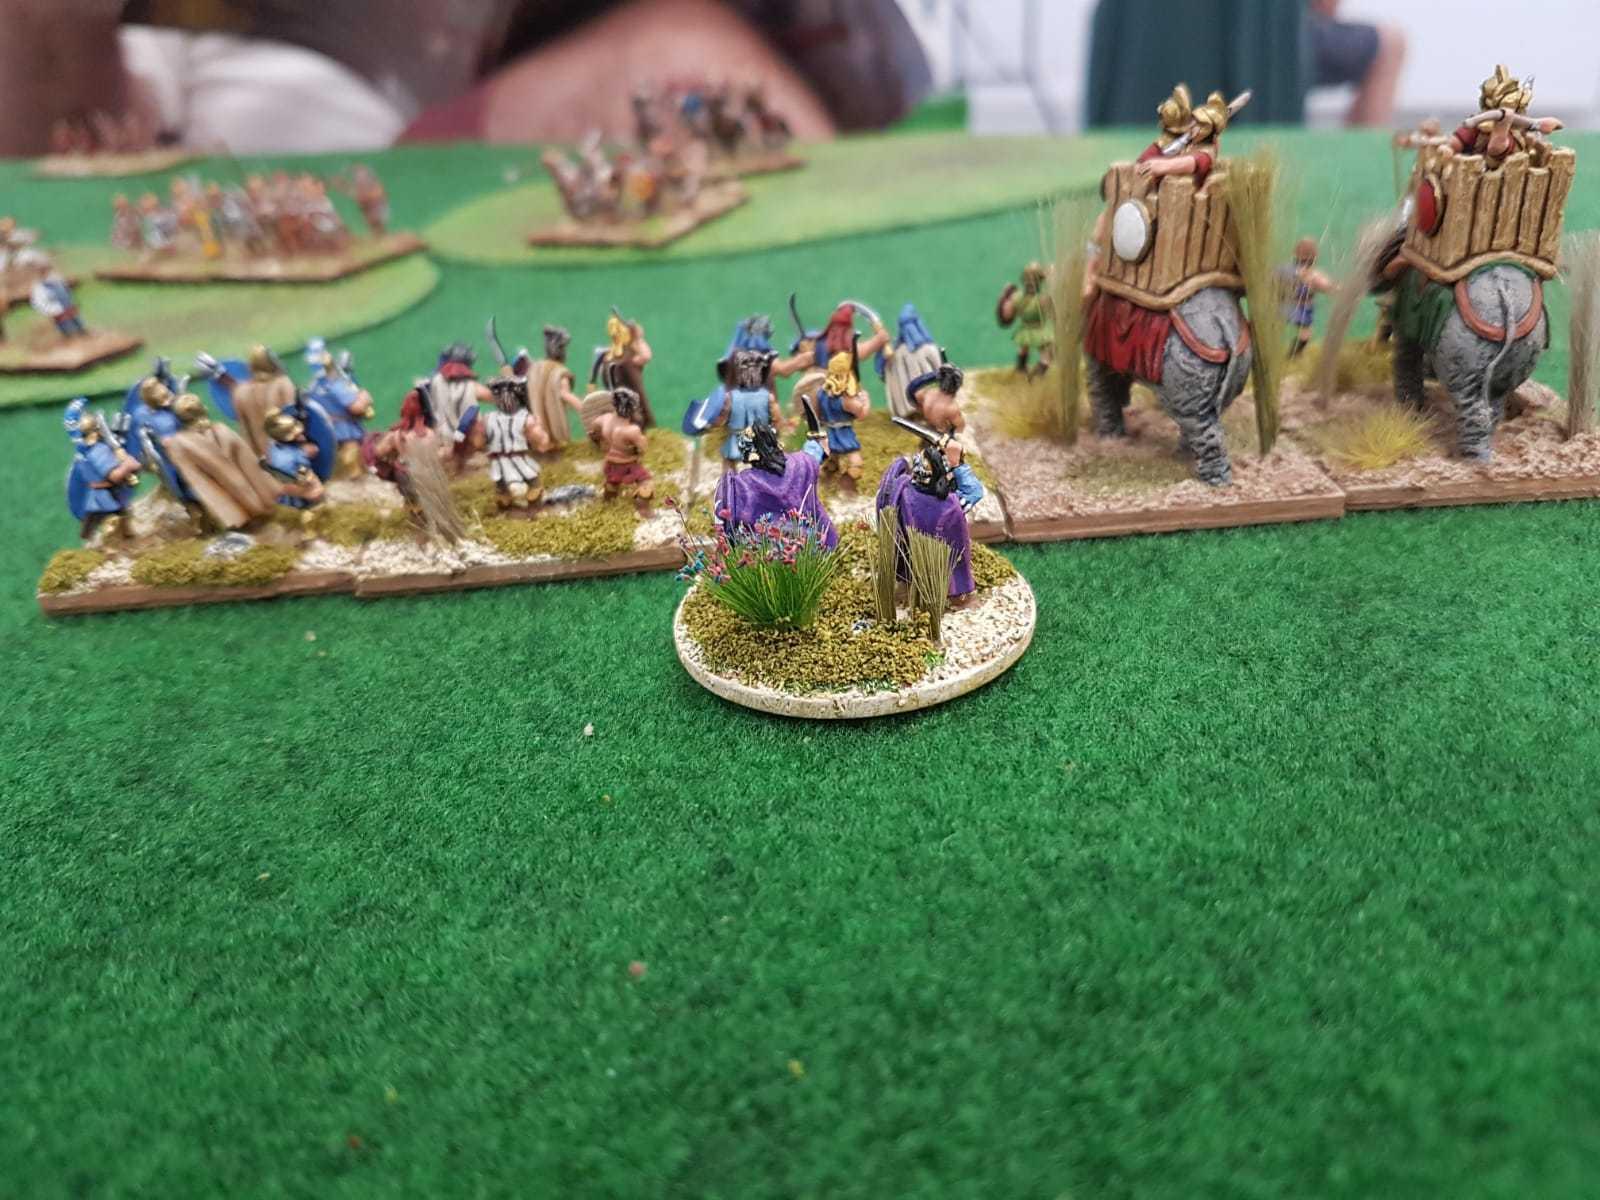 Général Macédonien manœuvrant ses unités d'Éléphants.